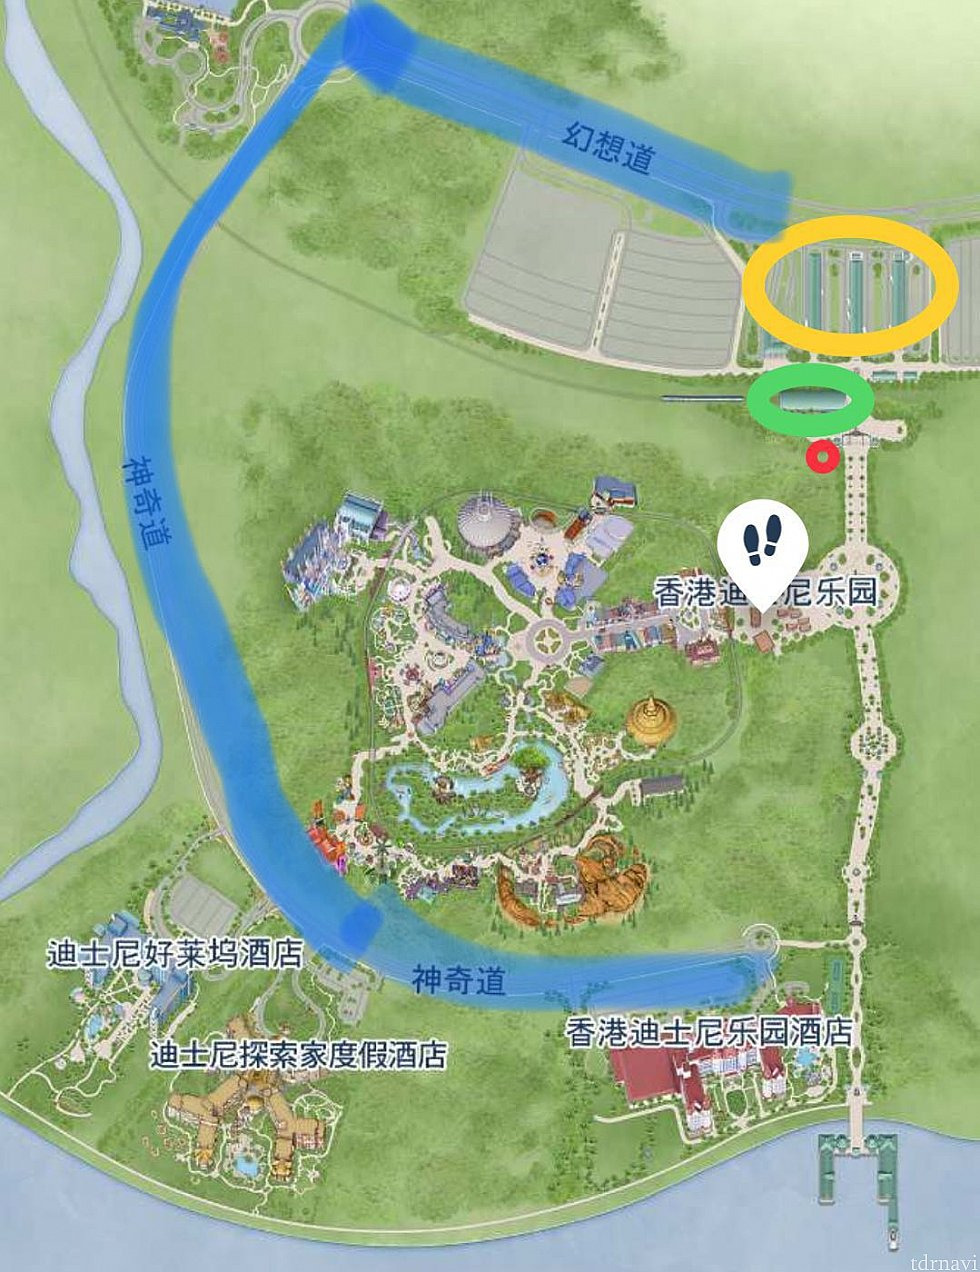 黄丸がシャトルバスターミナル、緑丸がリゾートライン香港ディズニー駅、赤丸は荷物預かり所、足跡マークはパーク入口です。青ラインがバス走行ルート。ホテルは左からハリウッドホテル、エクスプローラーズロッジ、ディズニーランドホテルとなります。